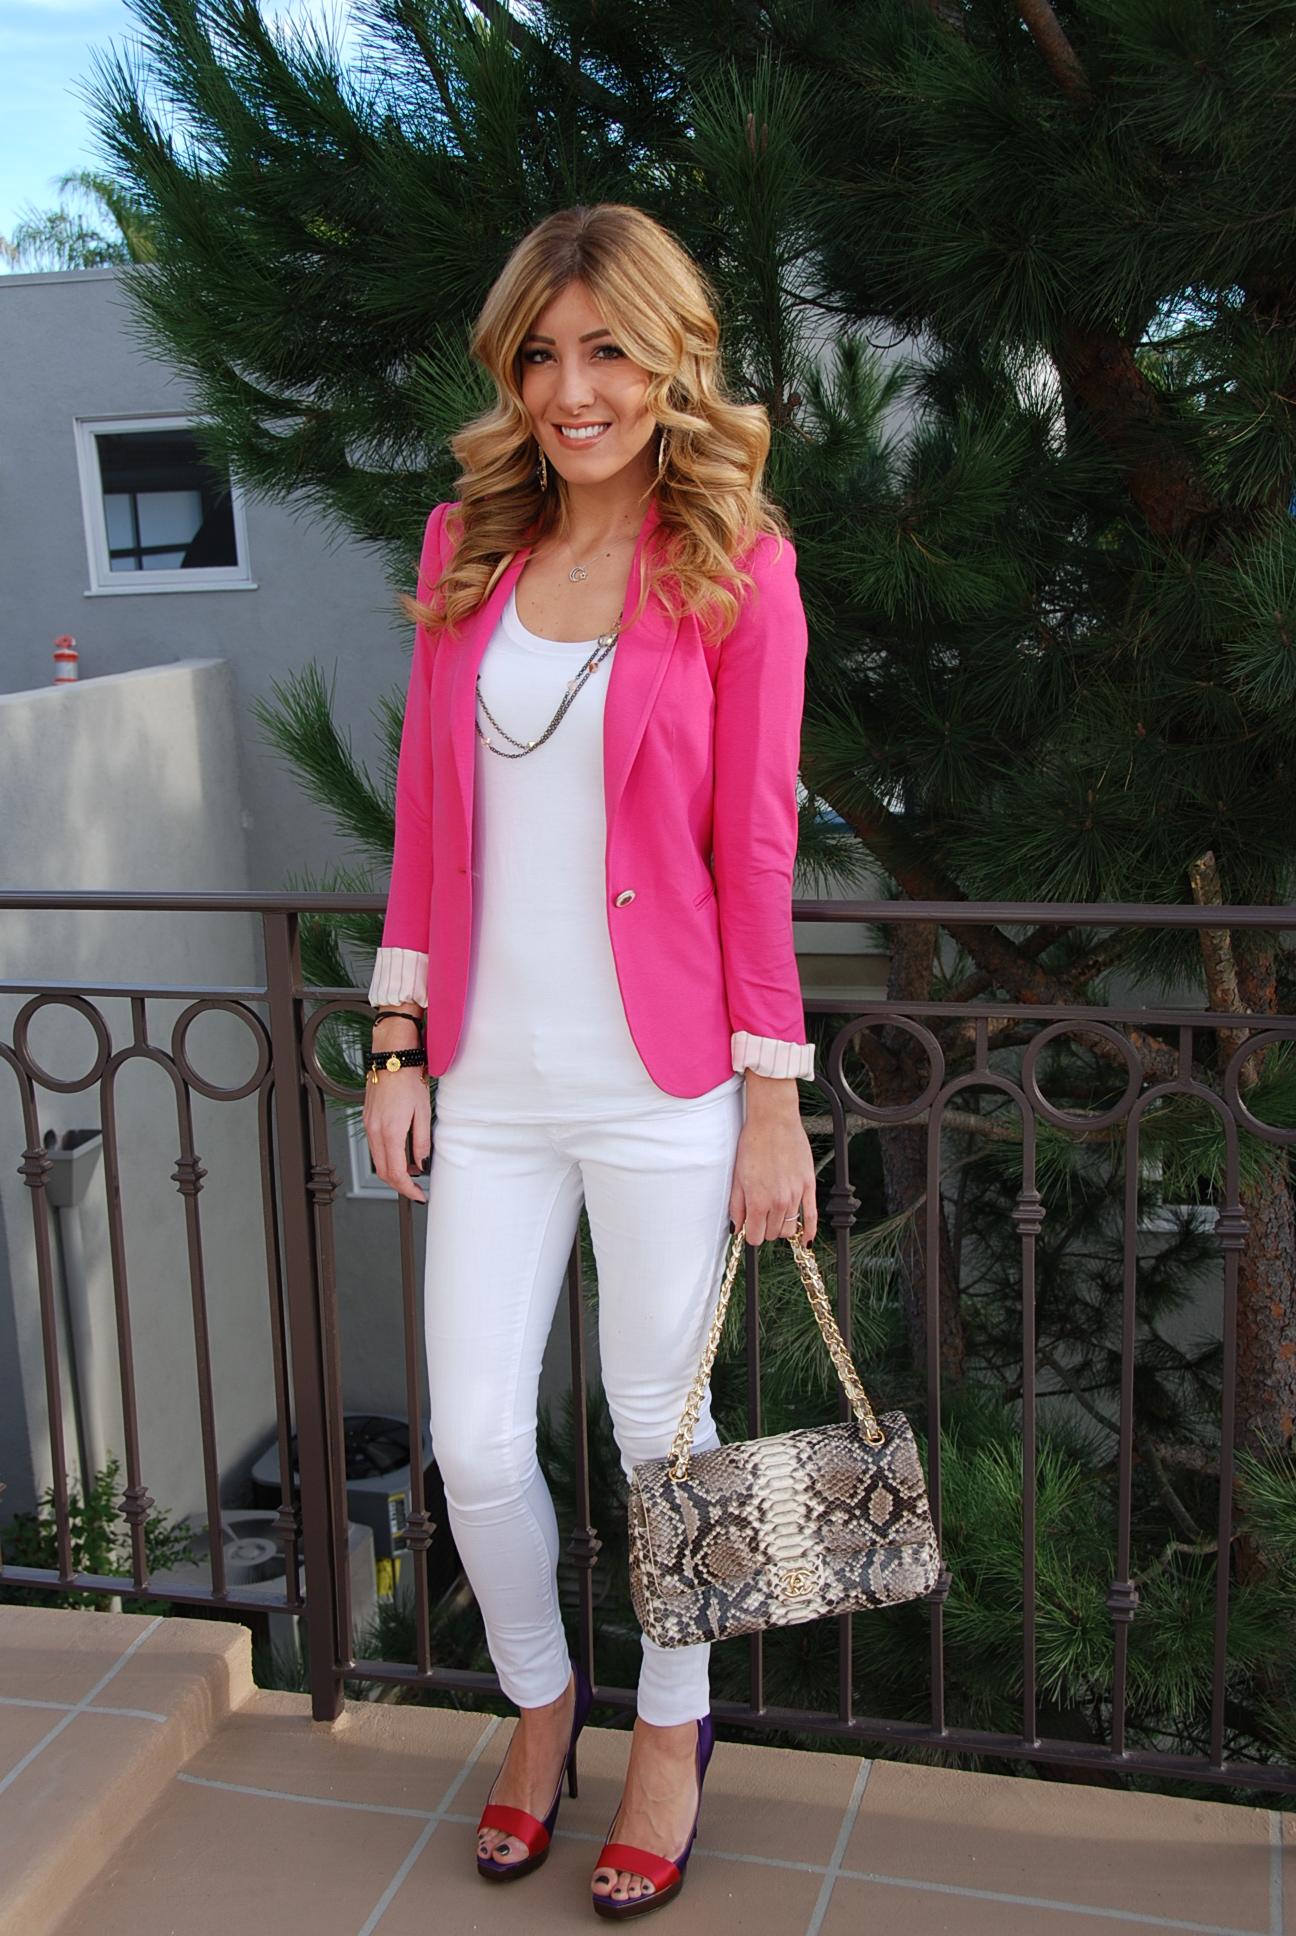 С чем носить розовый пиджак?